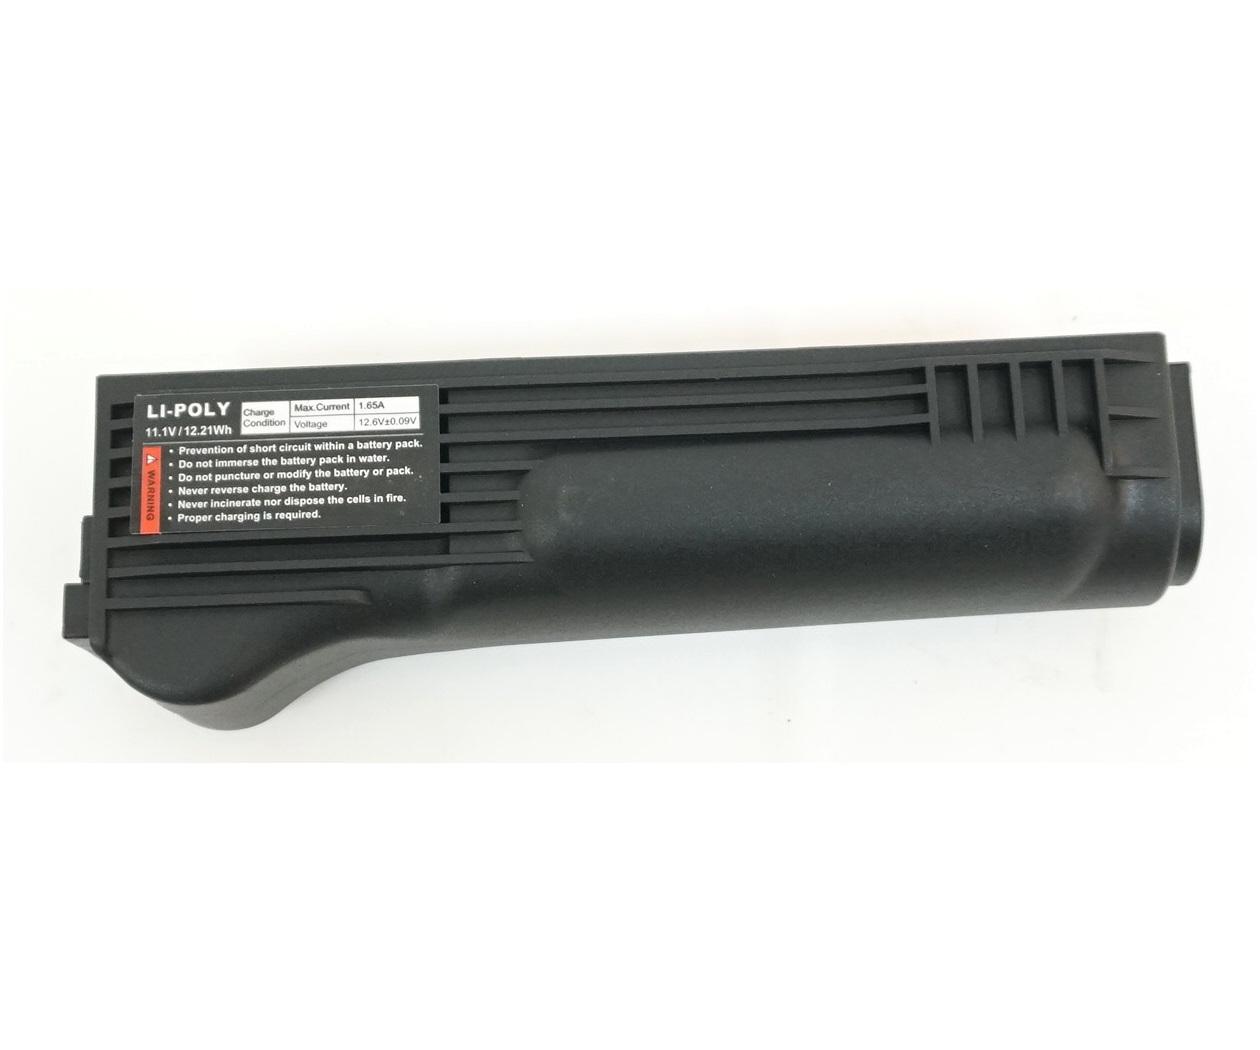 Аккумулятор G&G Li-po 1100 mAh 11.1V для АК-серии, пластик. цевье (G-11-095)